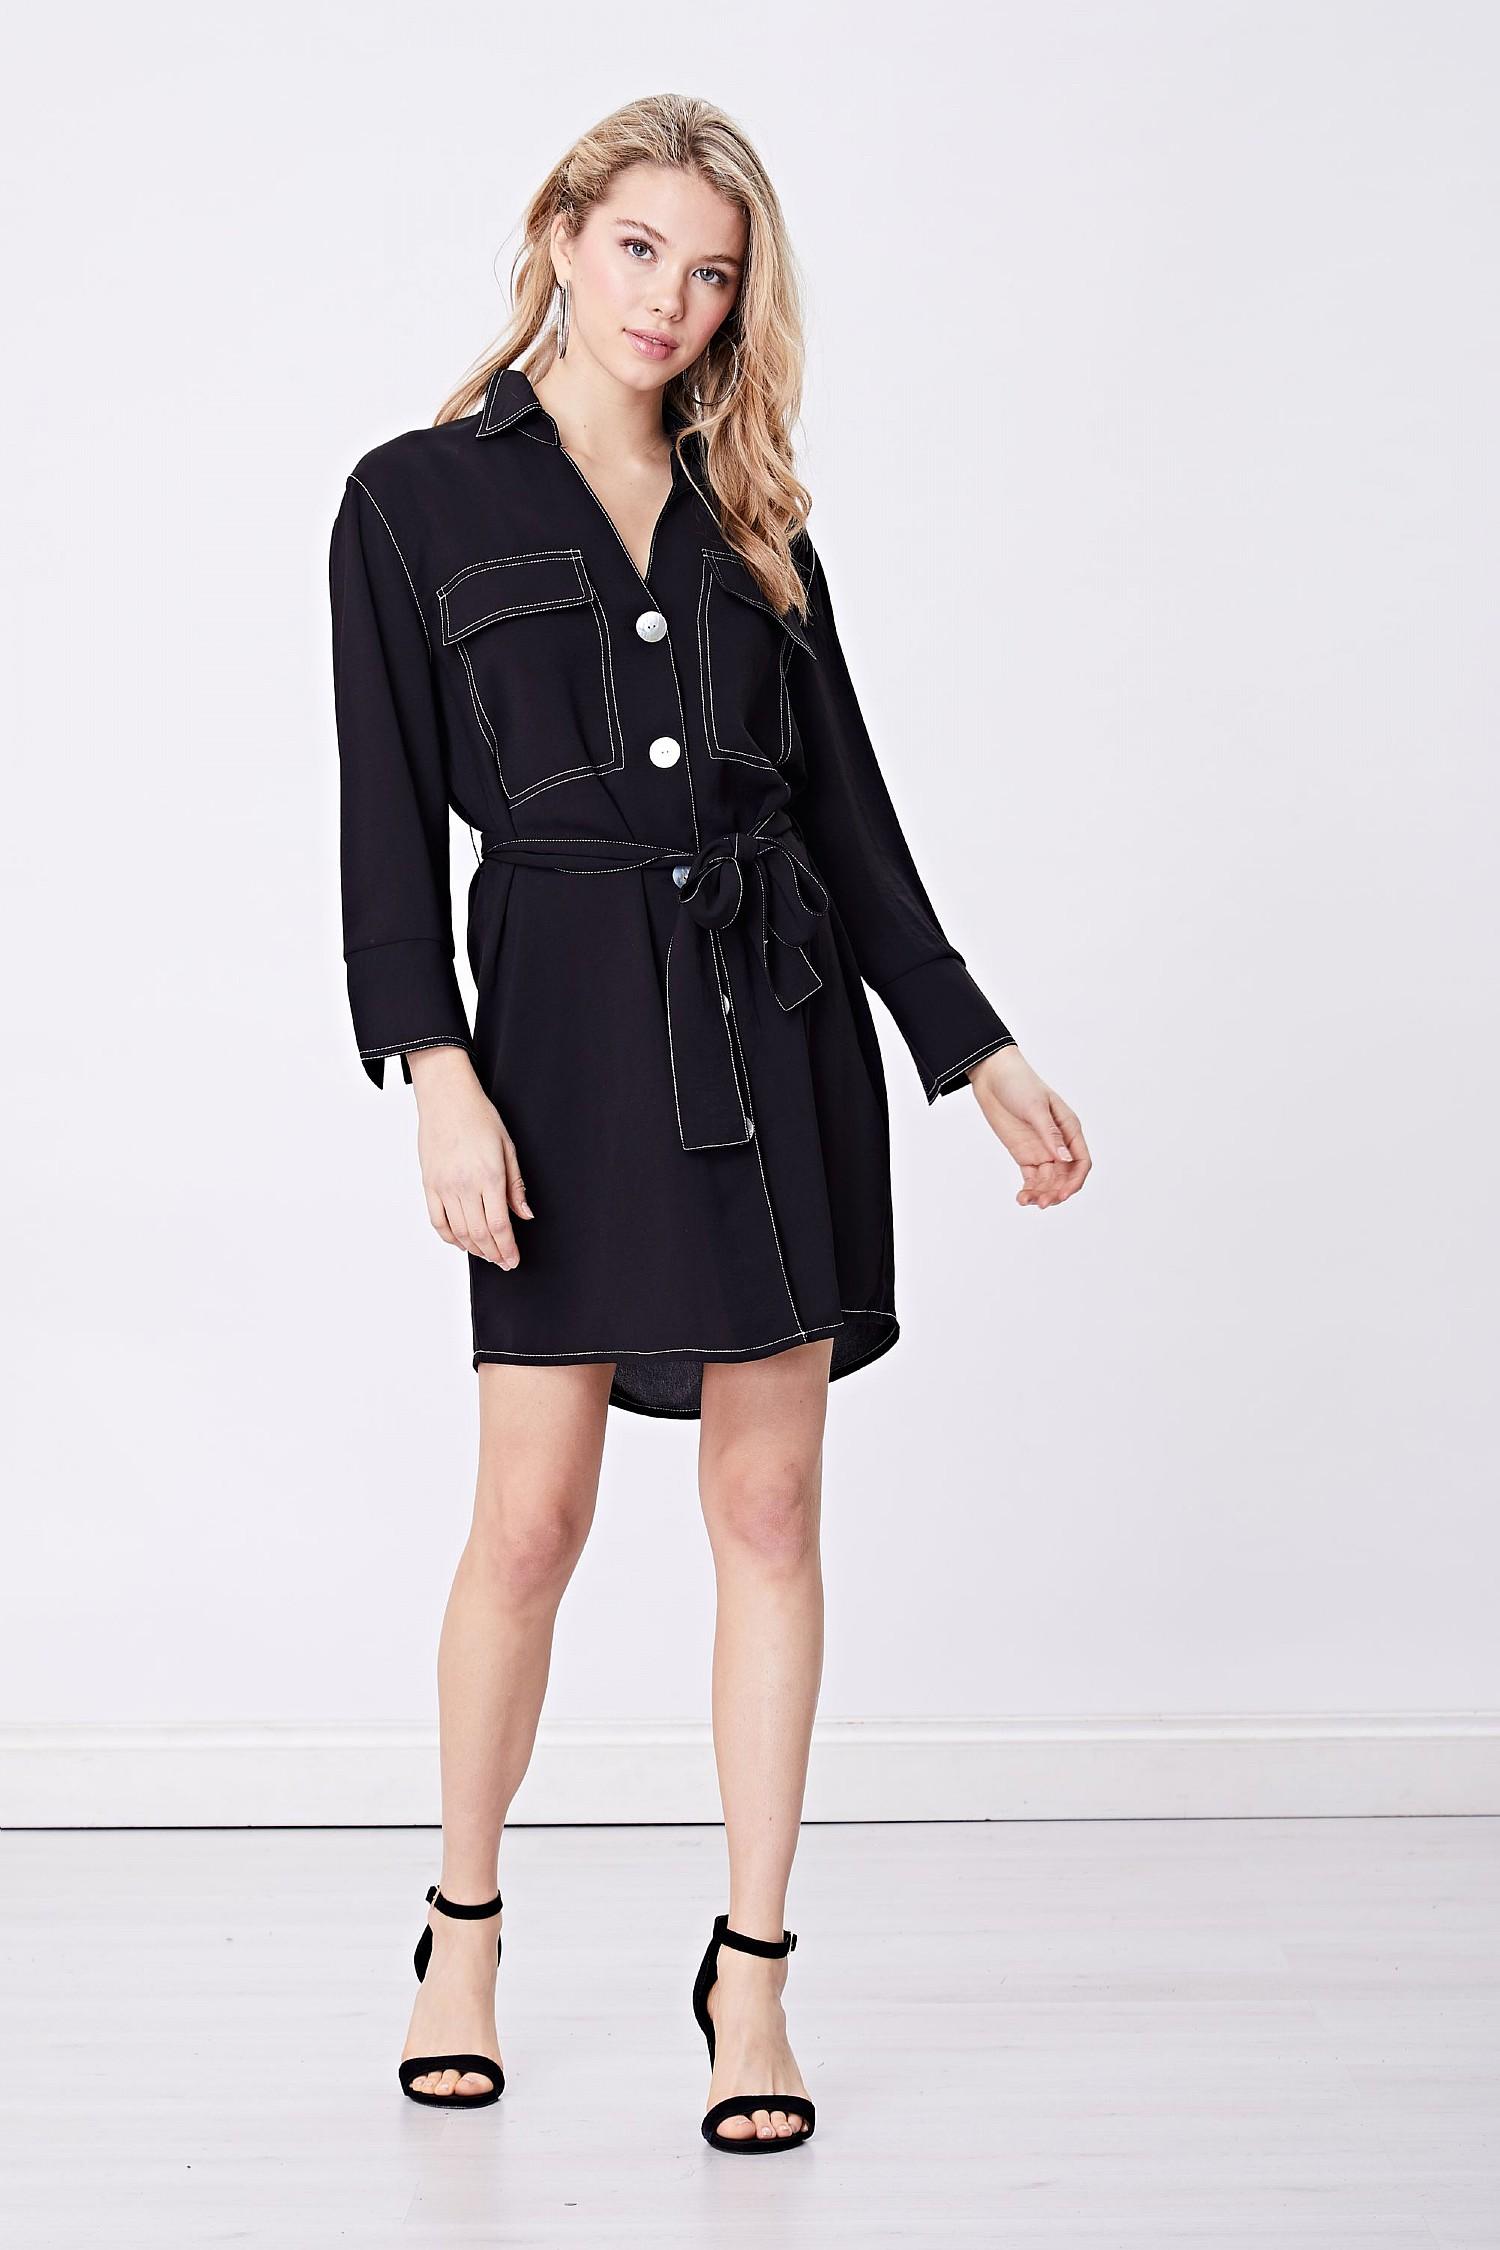 97b3241577b Black Shirt Dress White Buttons